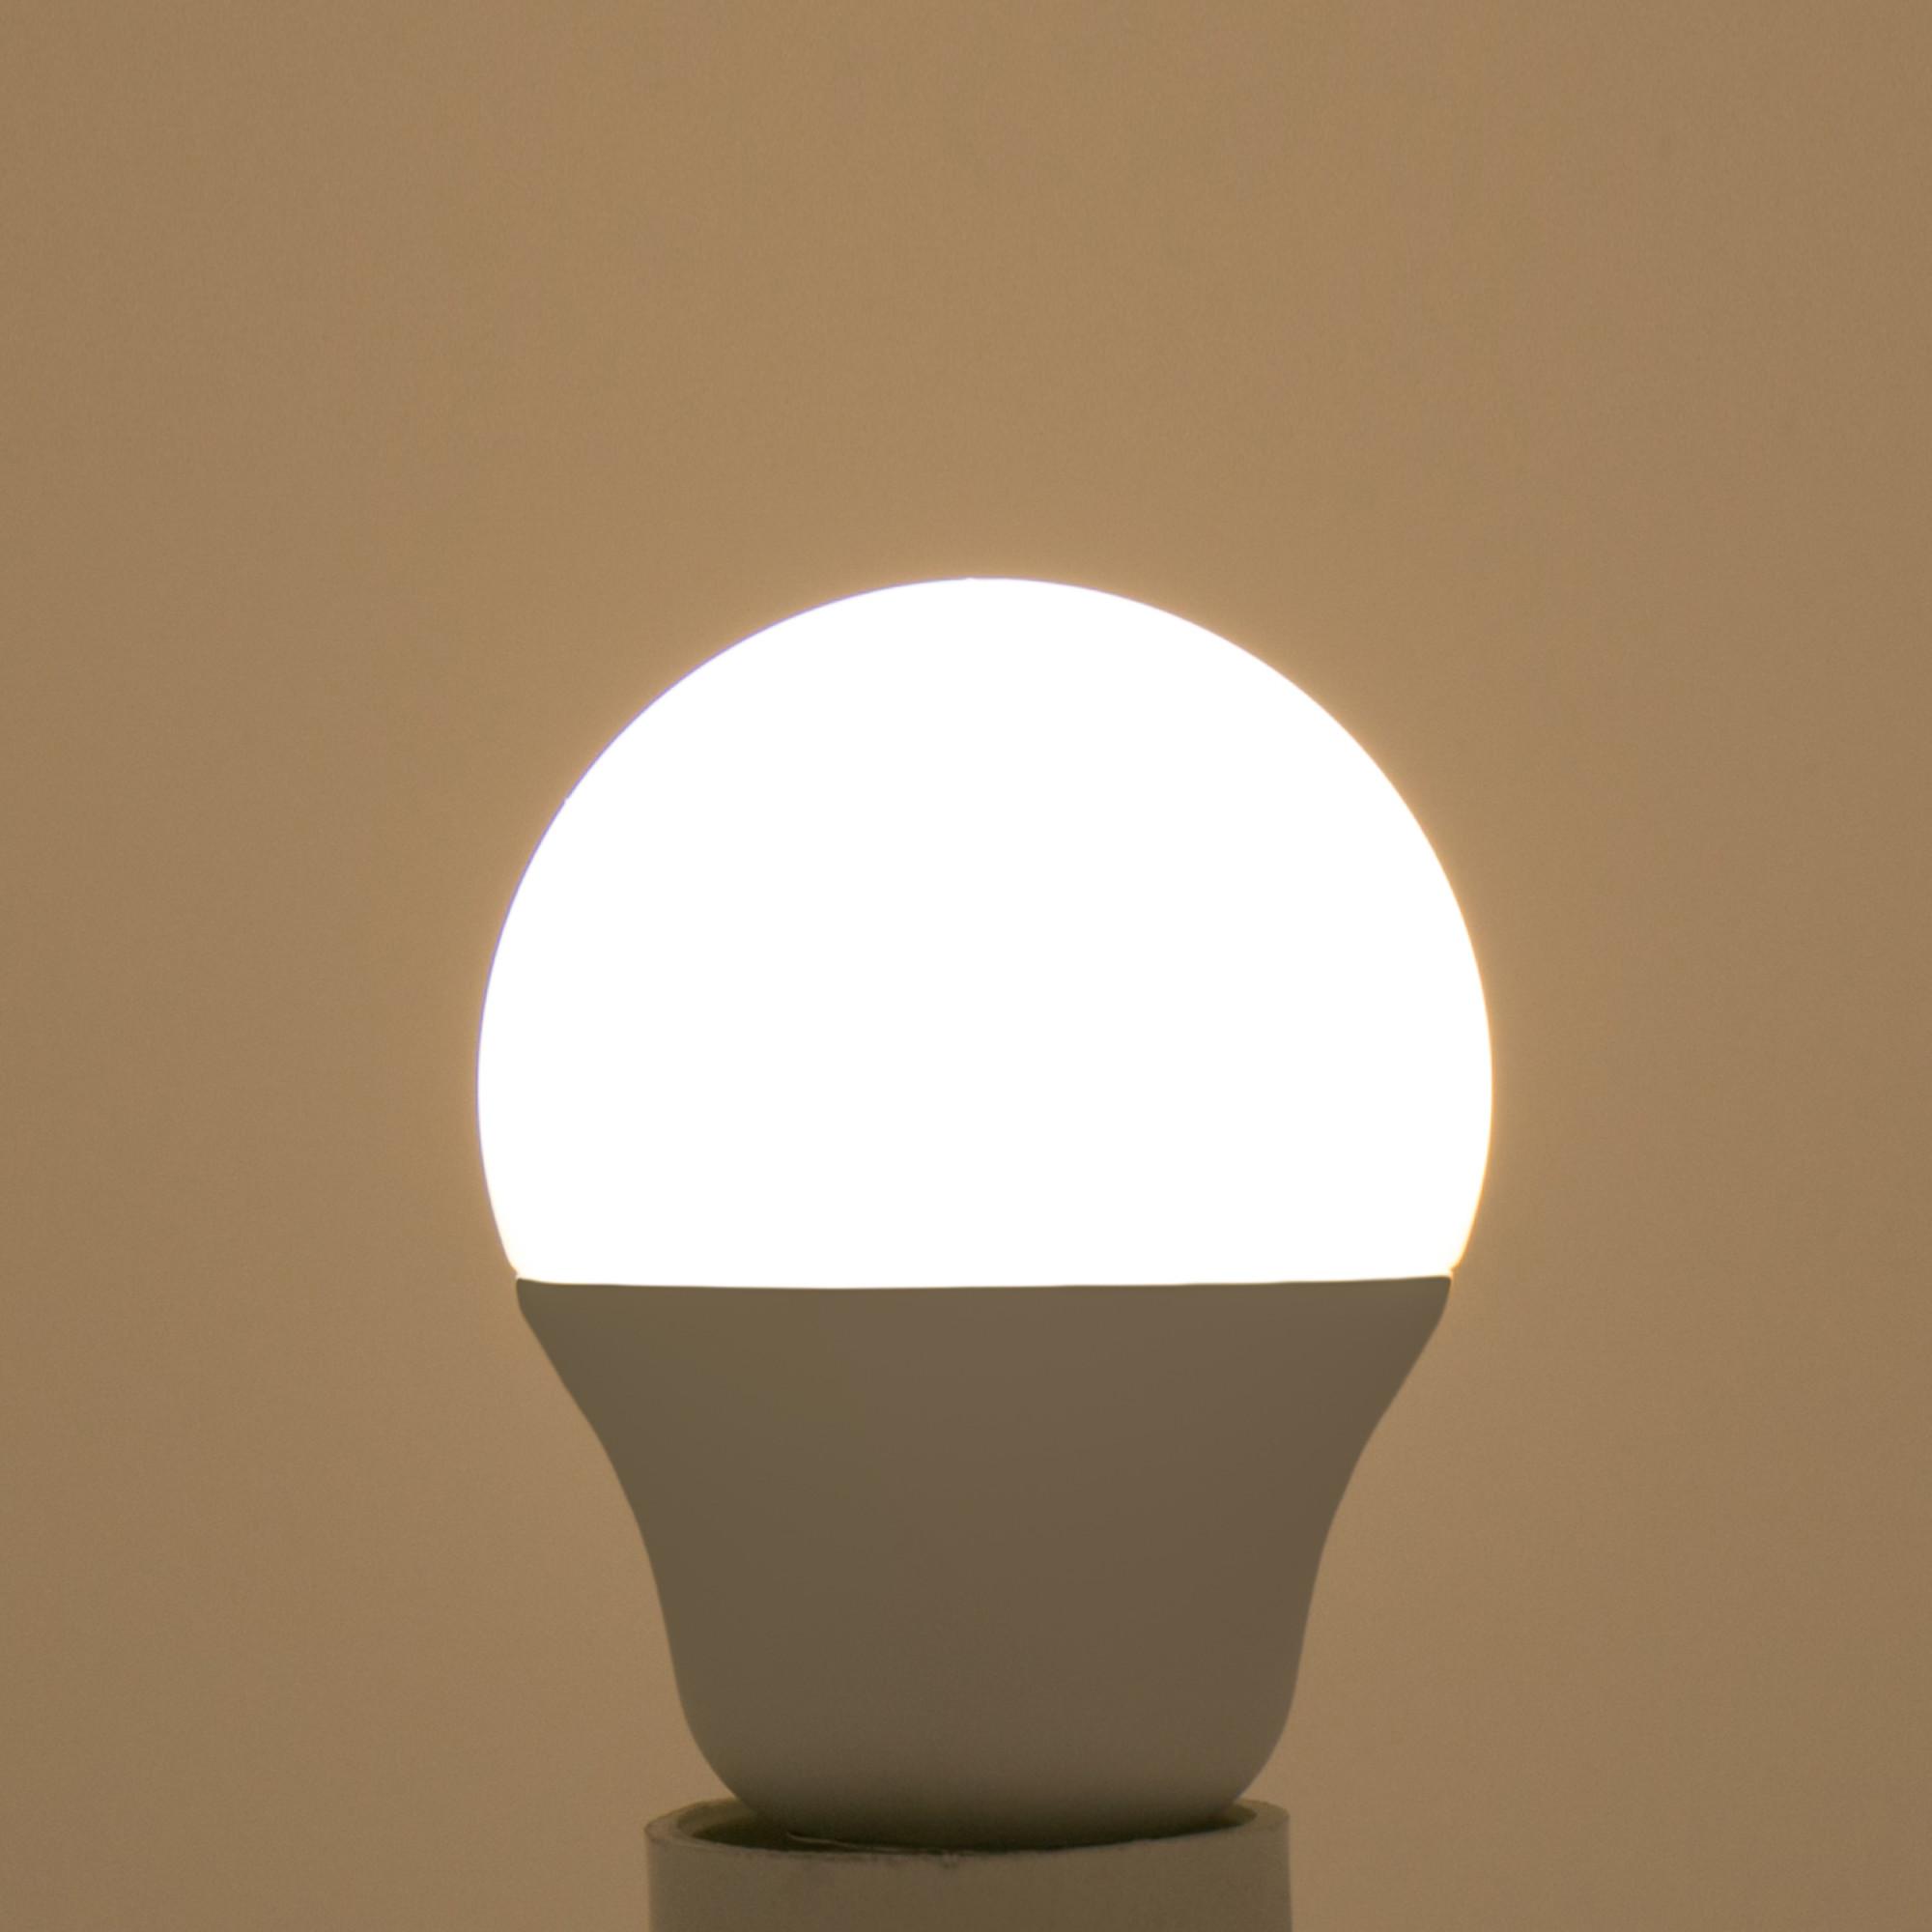 Лампа светодиодная Lexman E14 5 Вт 470 Лм 4000 K свет нейтральный